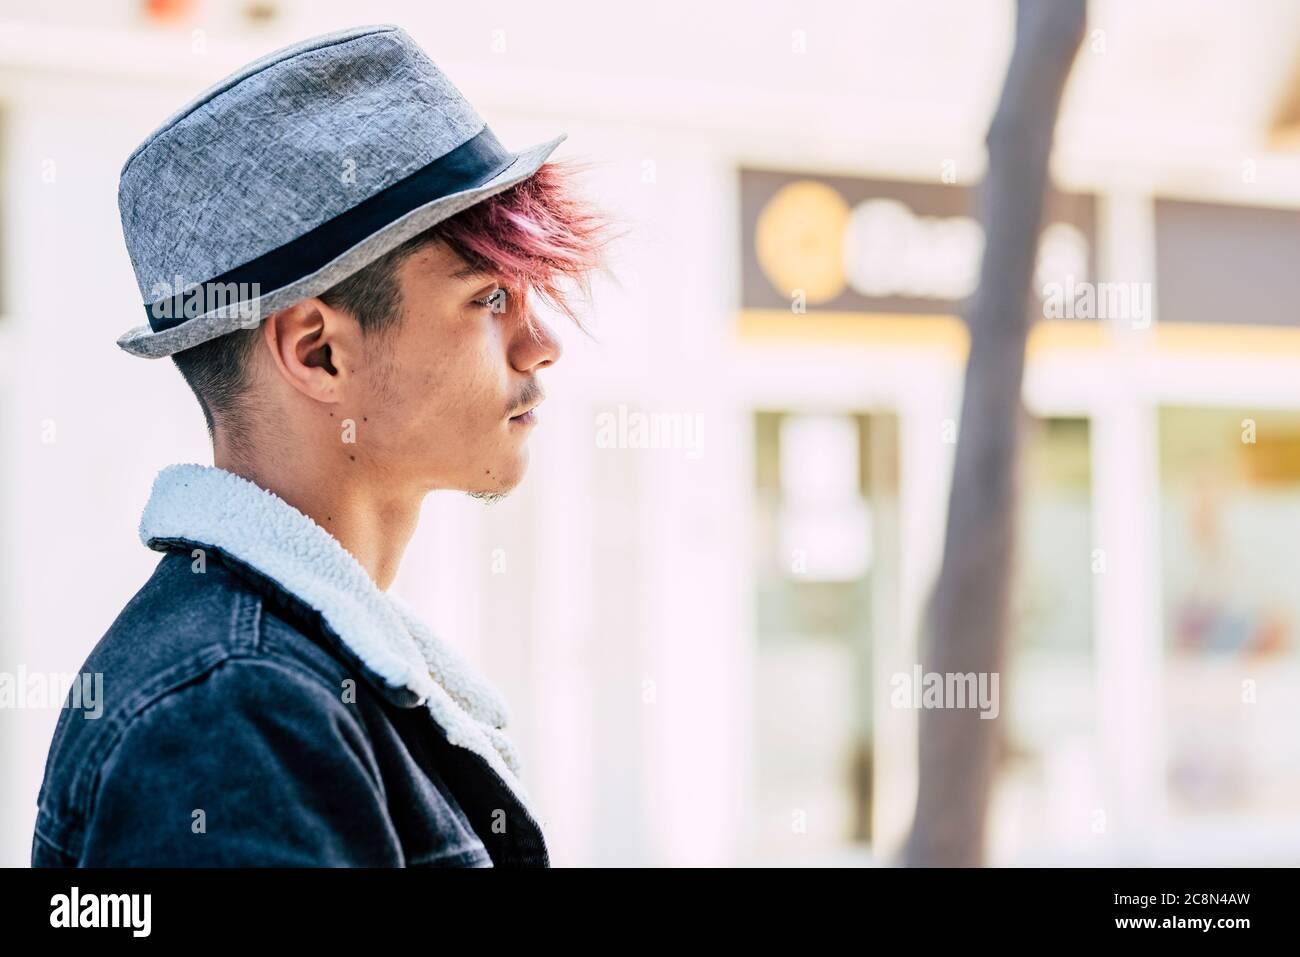 Belles personnes jeunes teeanger alternative style portrait tendance avec ville concept urbain en arrière-plan - cheveux colorés et l'artiste chapeau mode look Banque D'Images